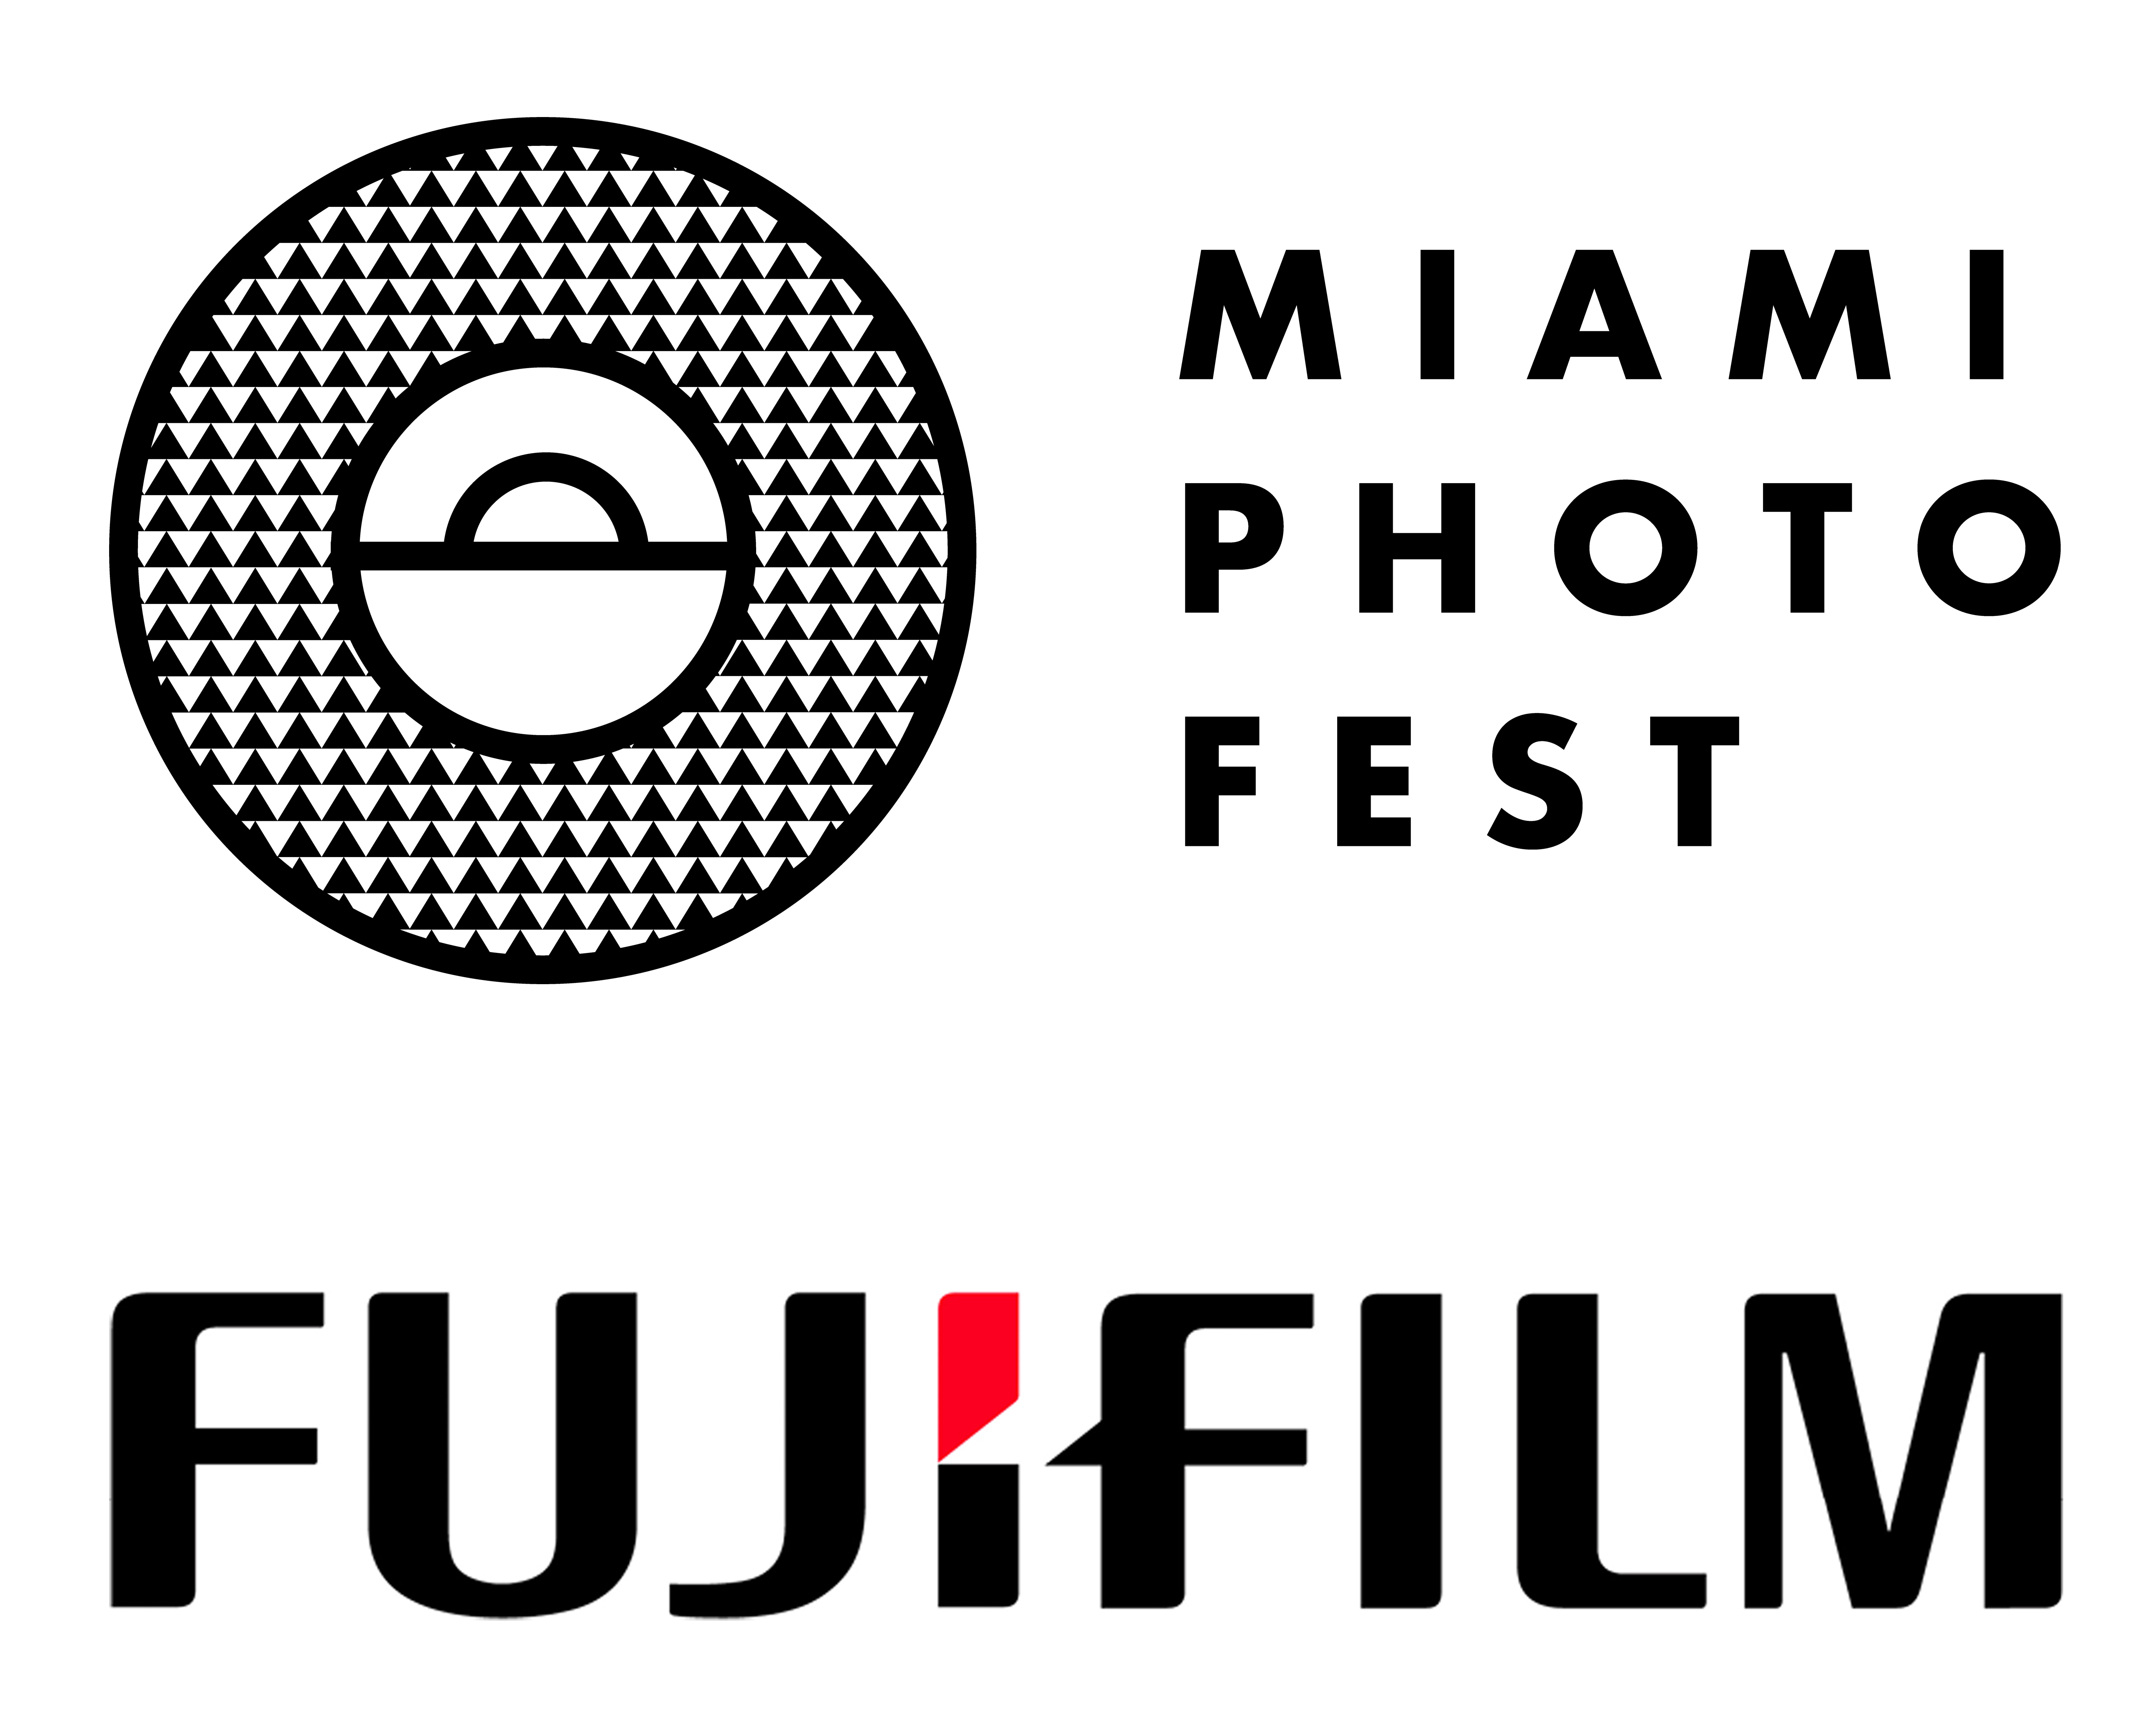 MiamiPhotoFest INTERNATIONAL EMERGING PHOTOGRAPHY AWARDS 2019 - logo